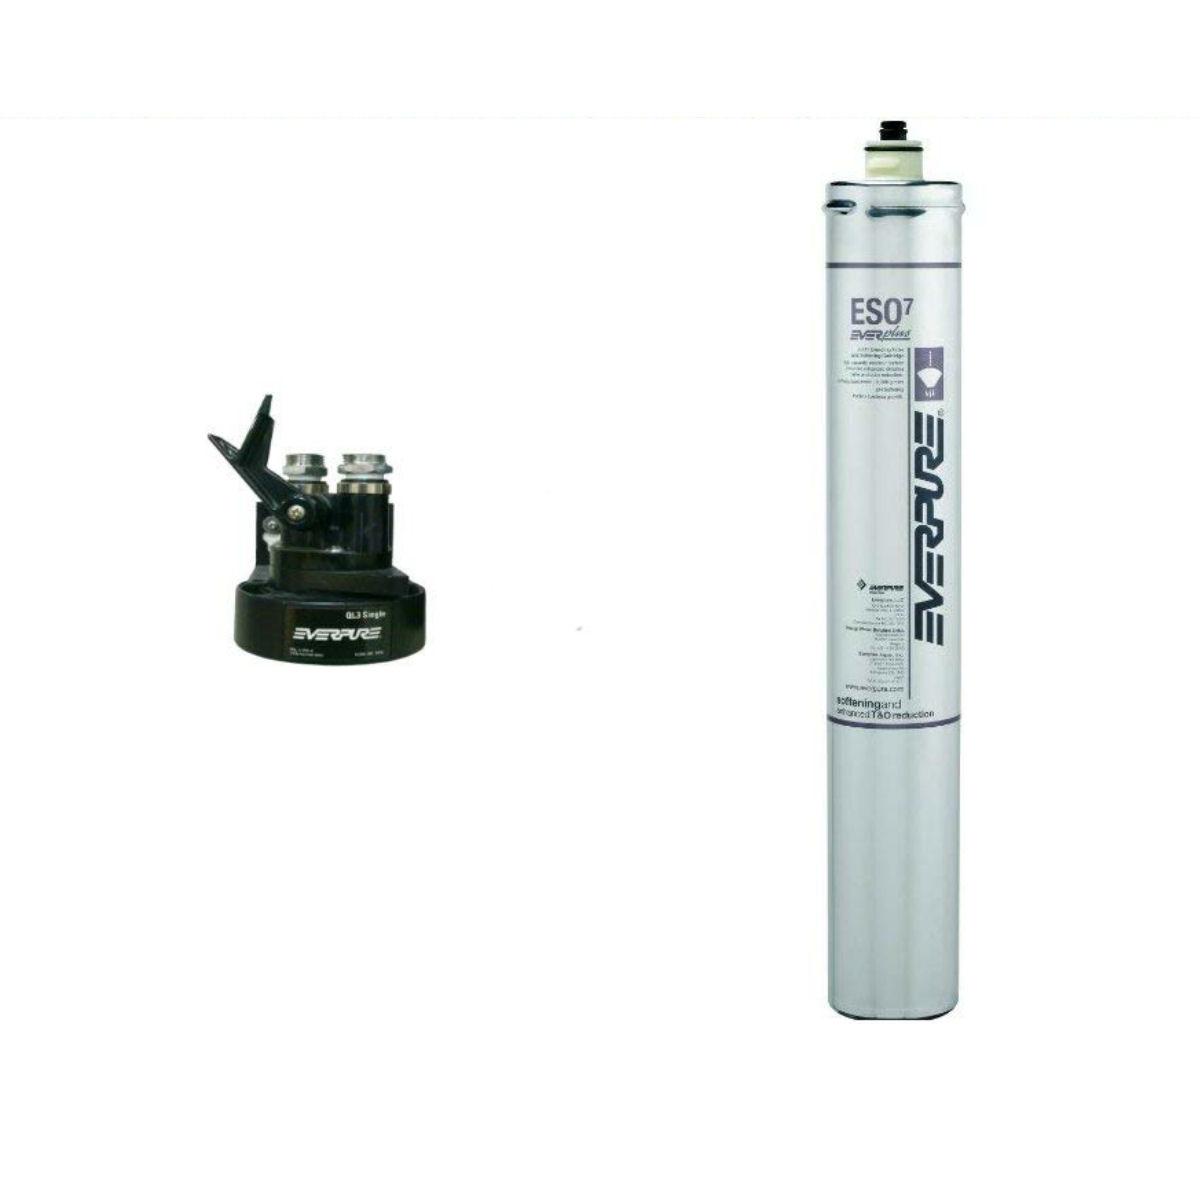 使用水中の硬度を下げ、浄化も行います! 新規設置仕様 エバーピュア浄軟水器ヘッドフィルタセット品 QL3-ESO7